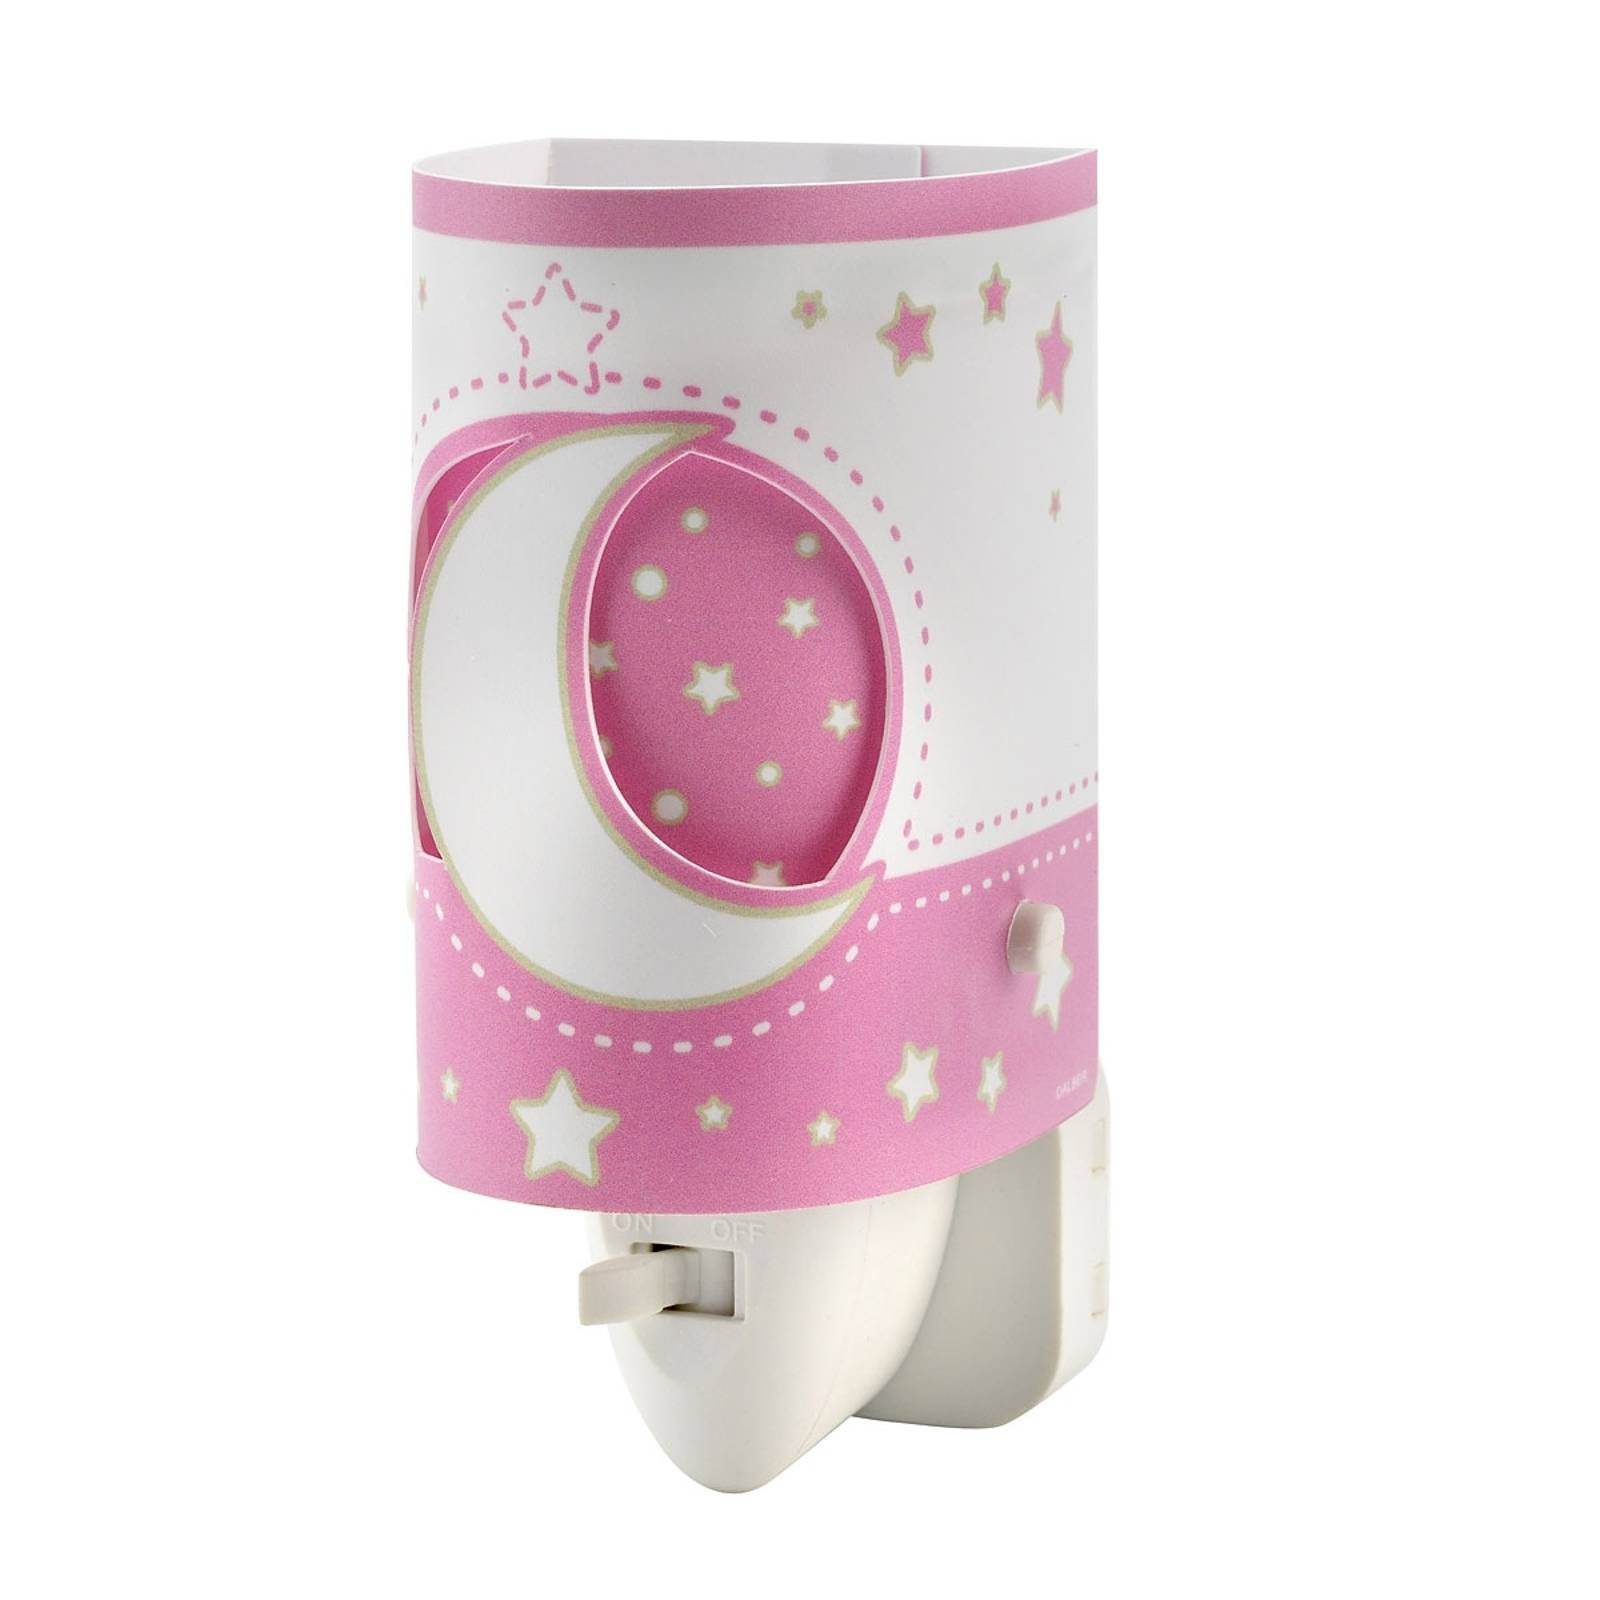 Babyegnet Stars LED-nattlampe i rosa